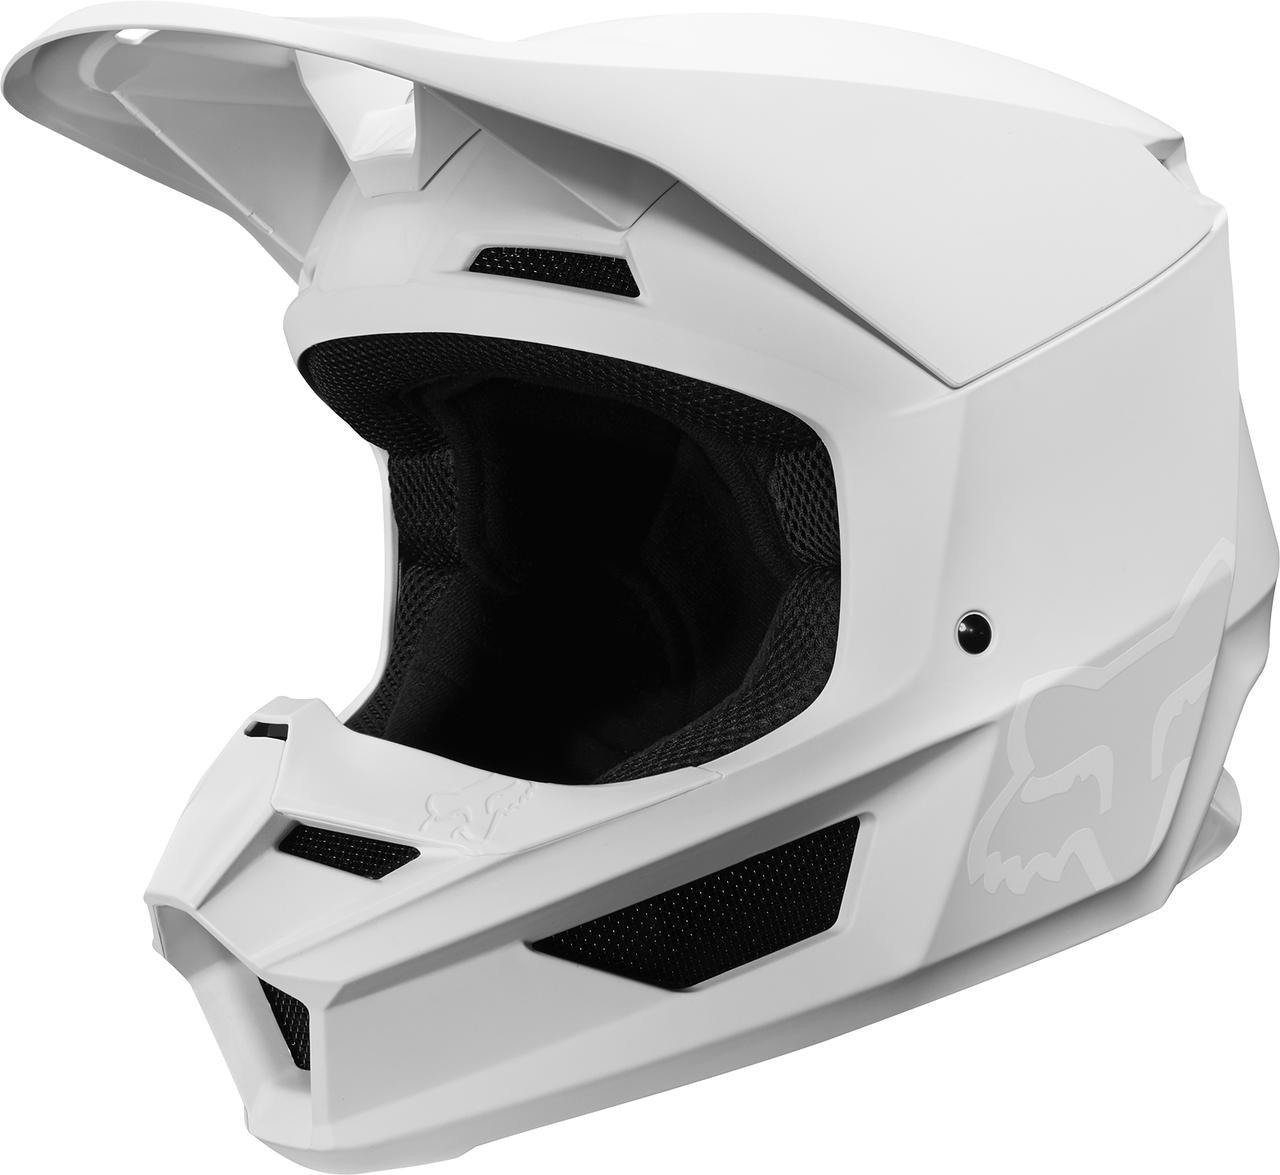 画像: FOX新型のヘルメット、バイザーがマグネットで固定される